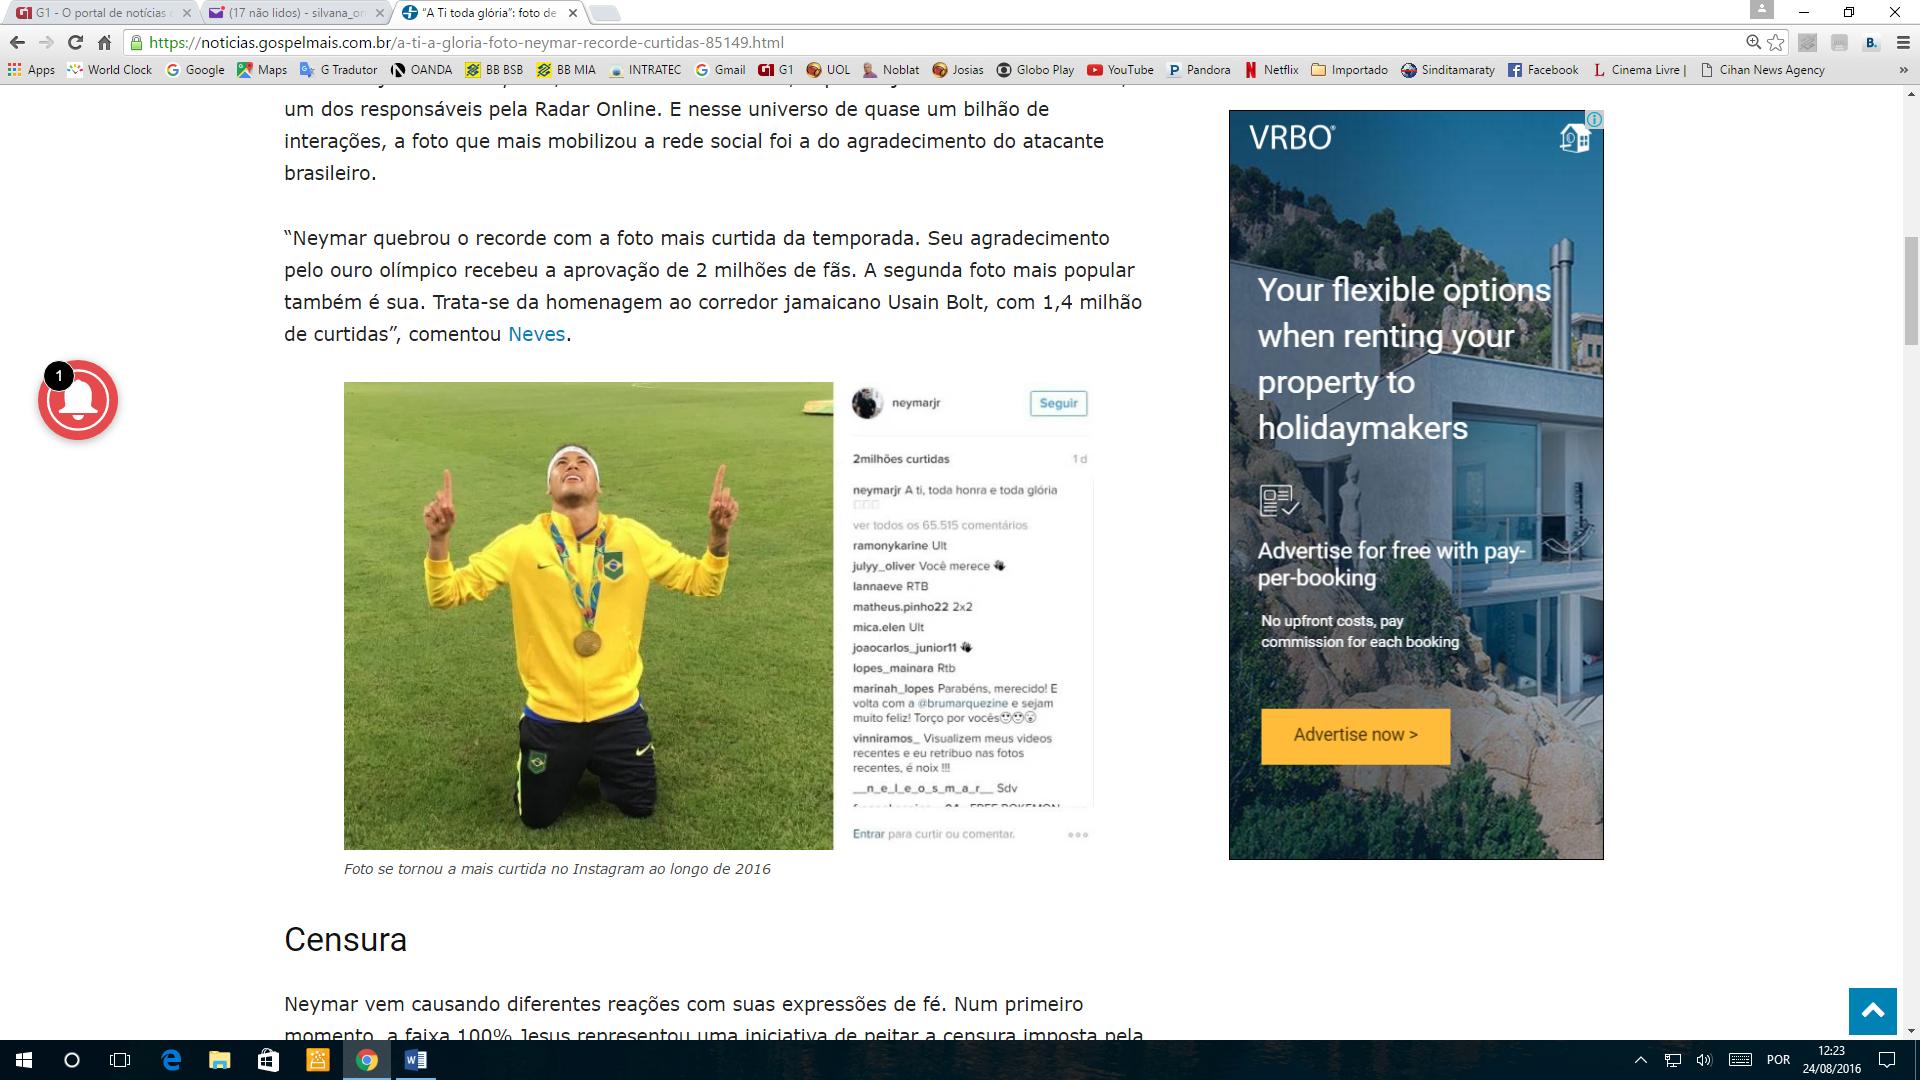 """Neymar agradece a Deus pela conquista da medalha Olímpica: """"A Ti toda glória"""""""